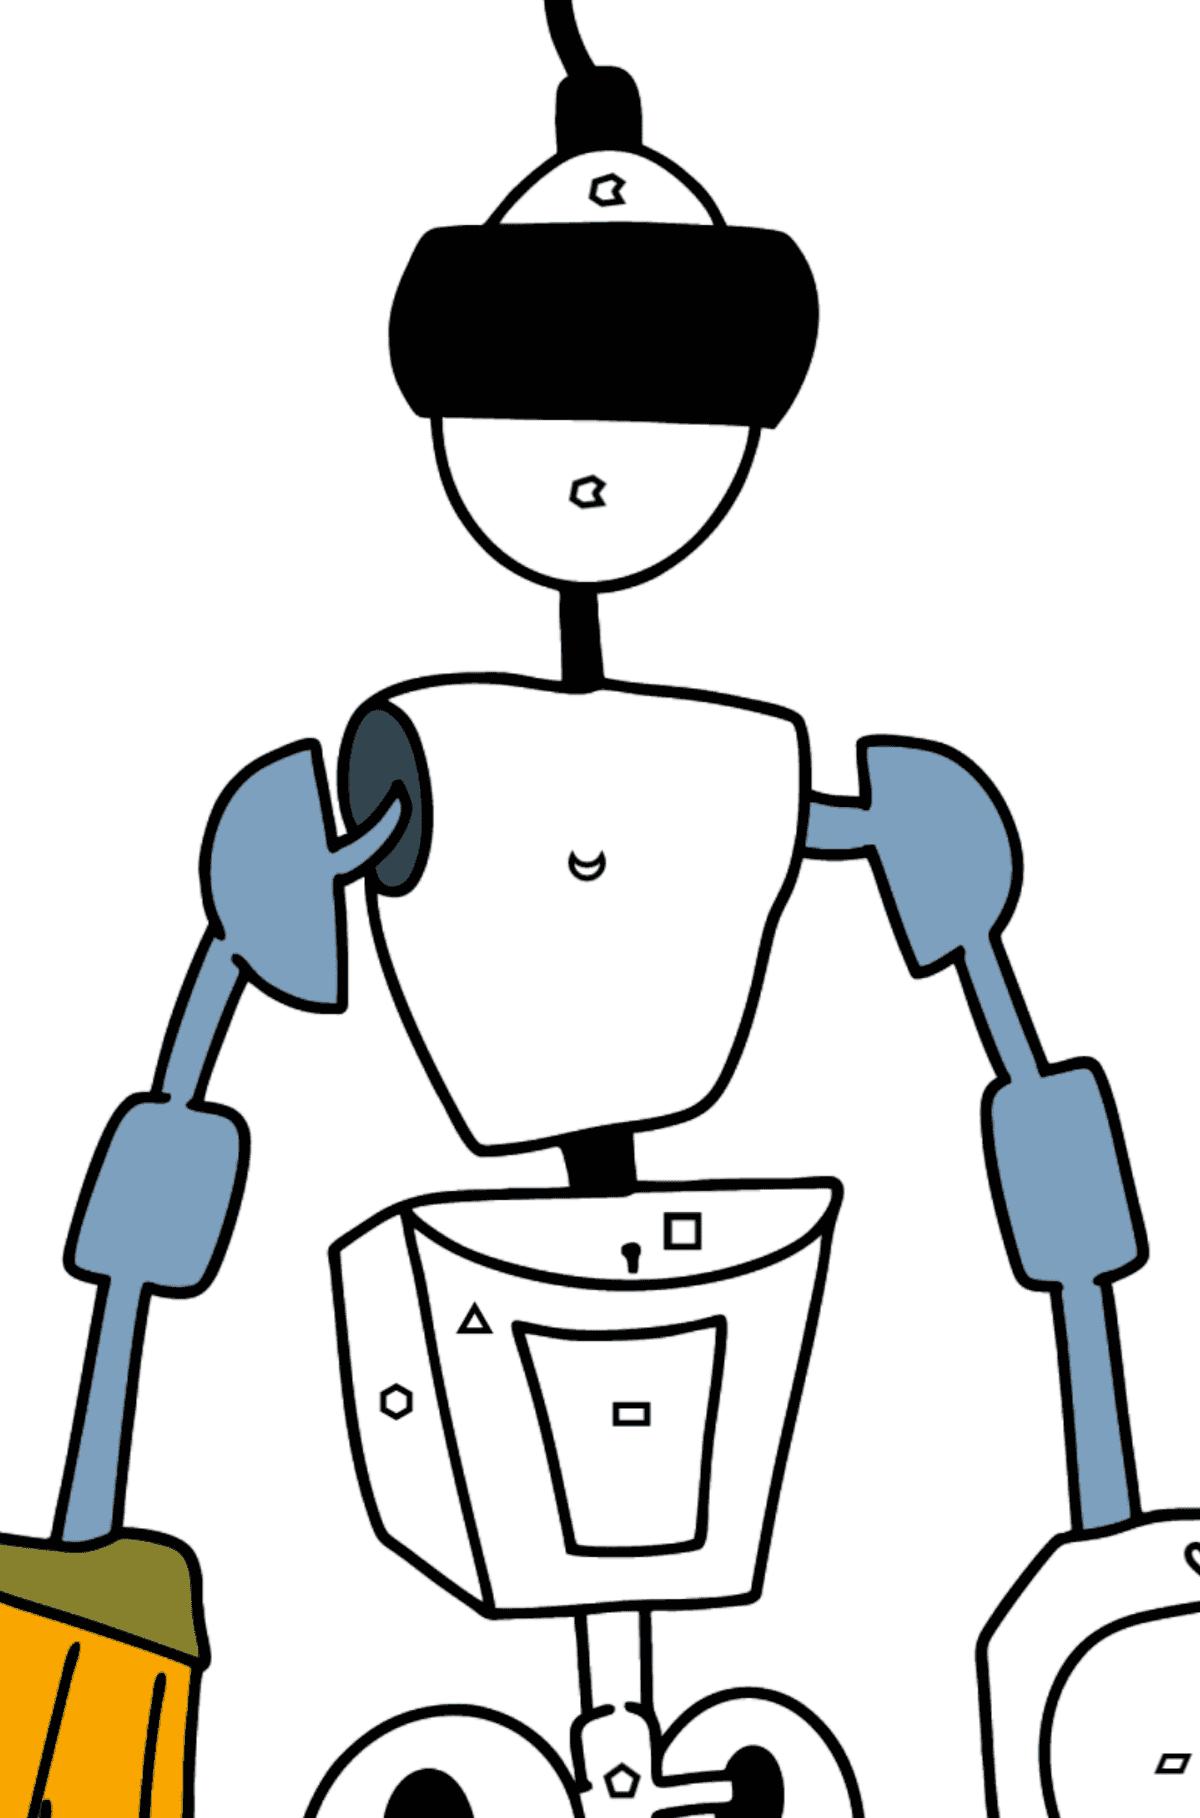 Раскраска робот уборщик - Раскраска по Геометрическим Фигурам для Детей